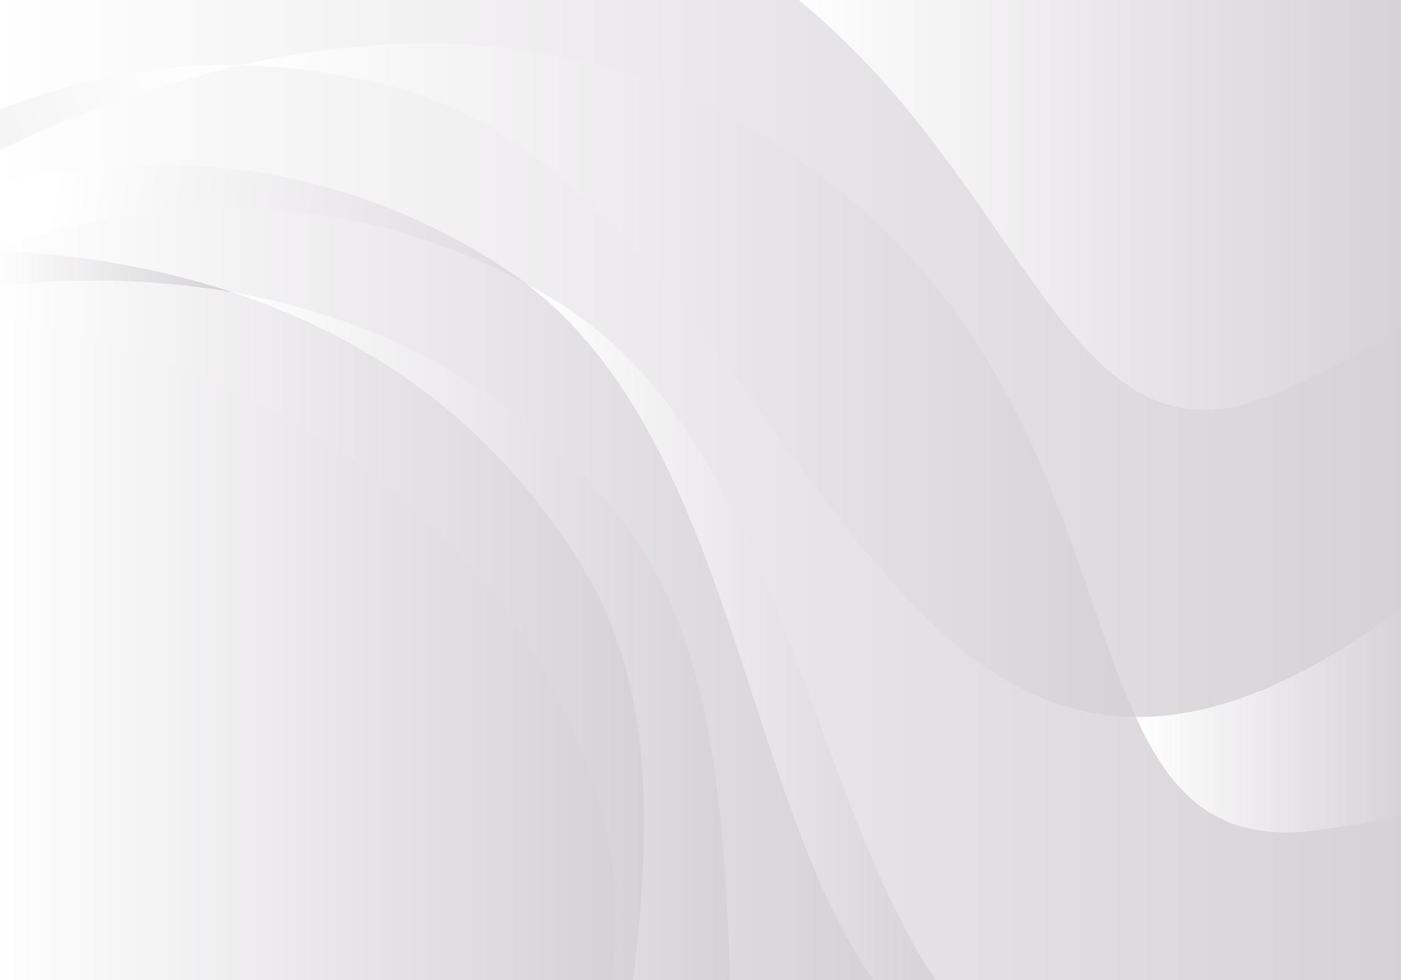 vit flytande lutningsdesign vektor